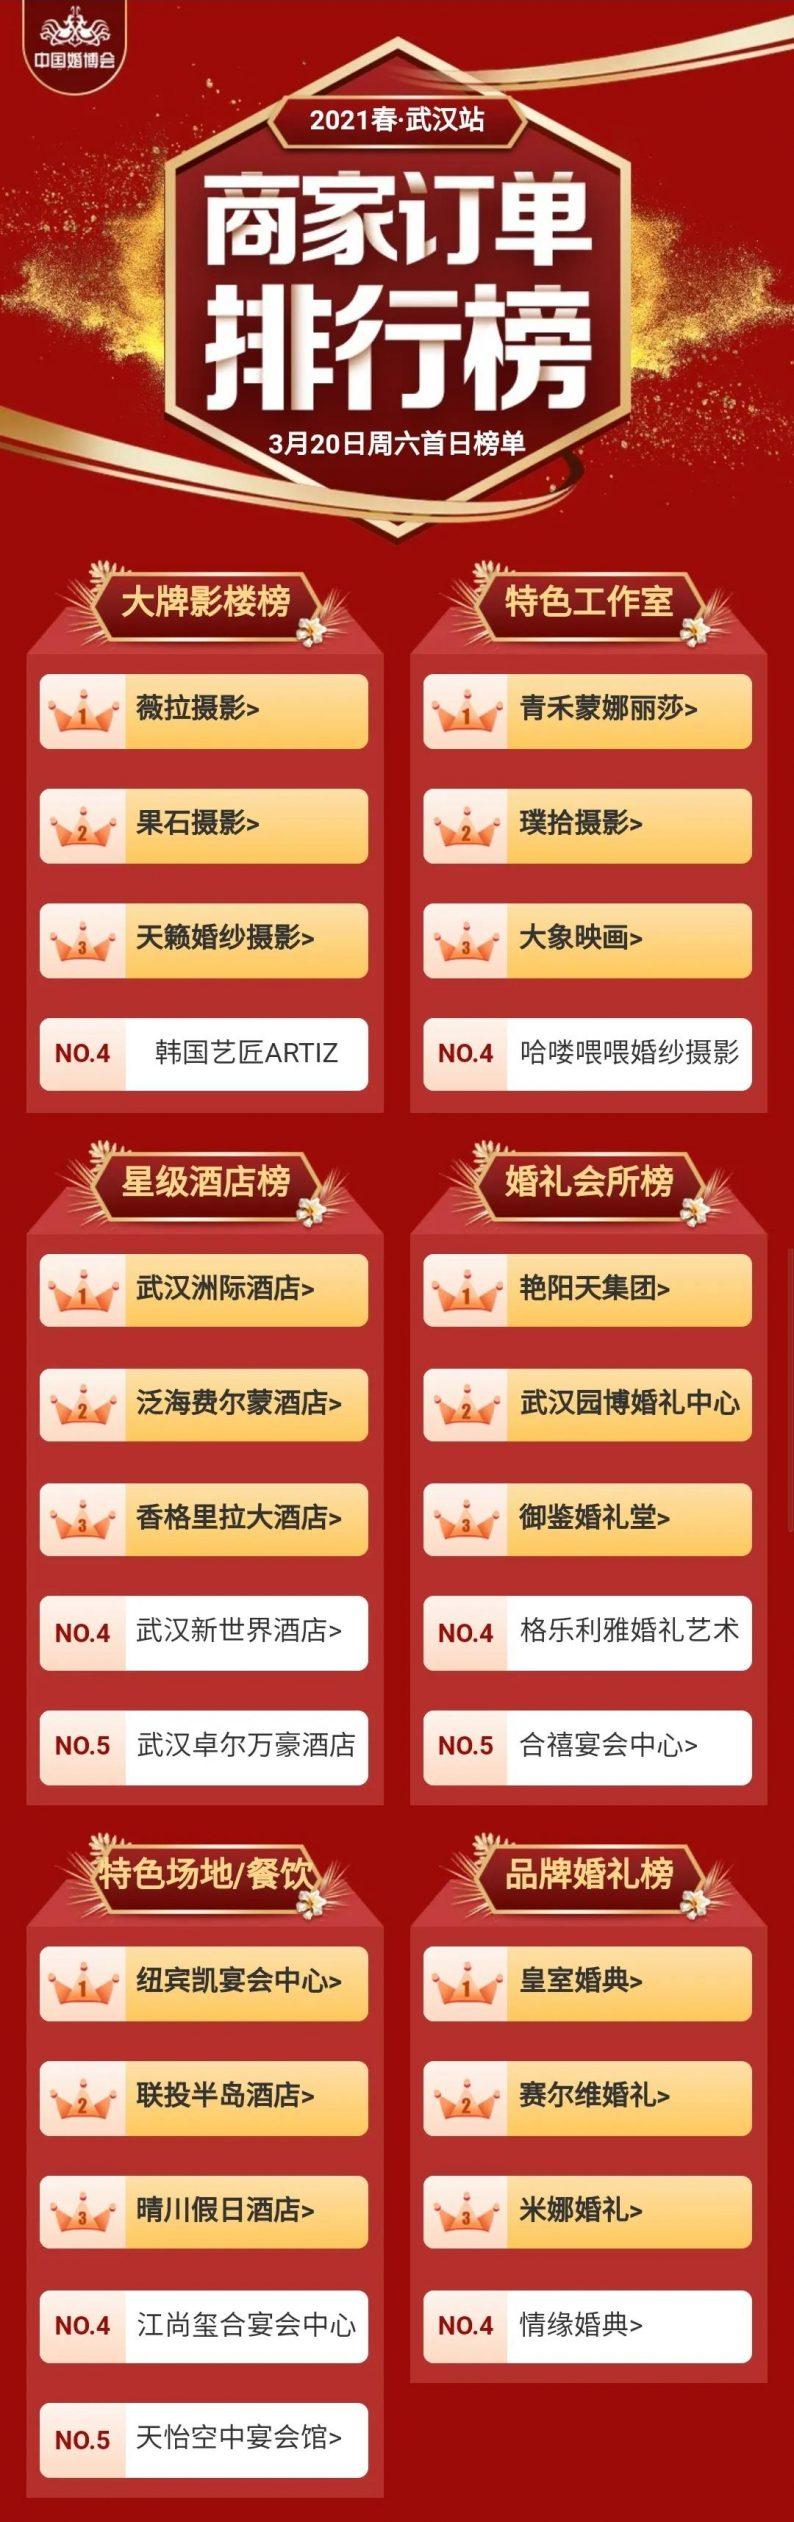 中国婚博会商家订单排行榜(2021春季杭州&武汉)  第14张